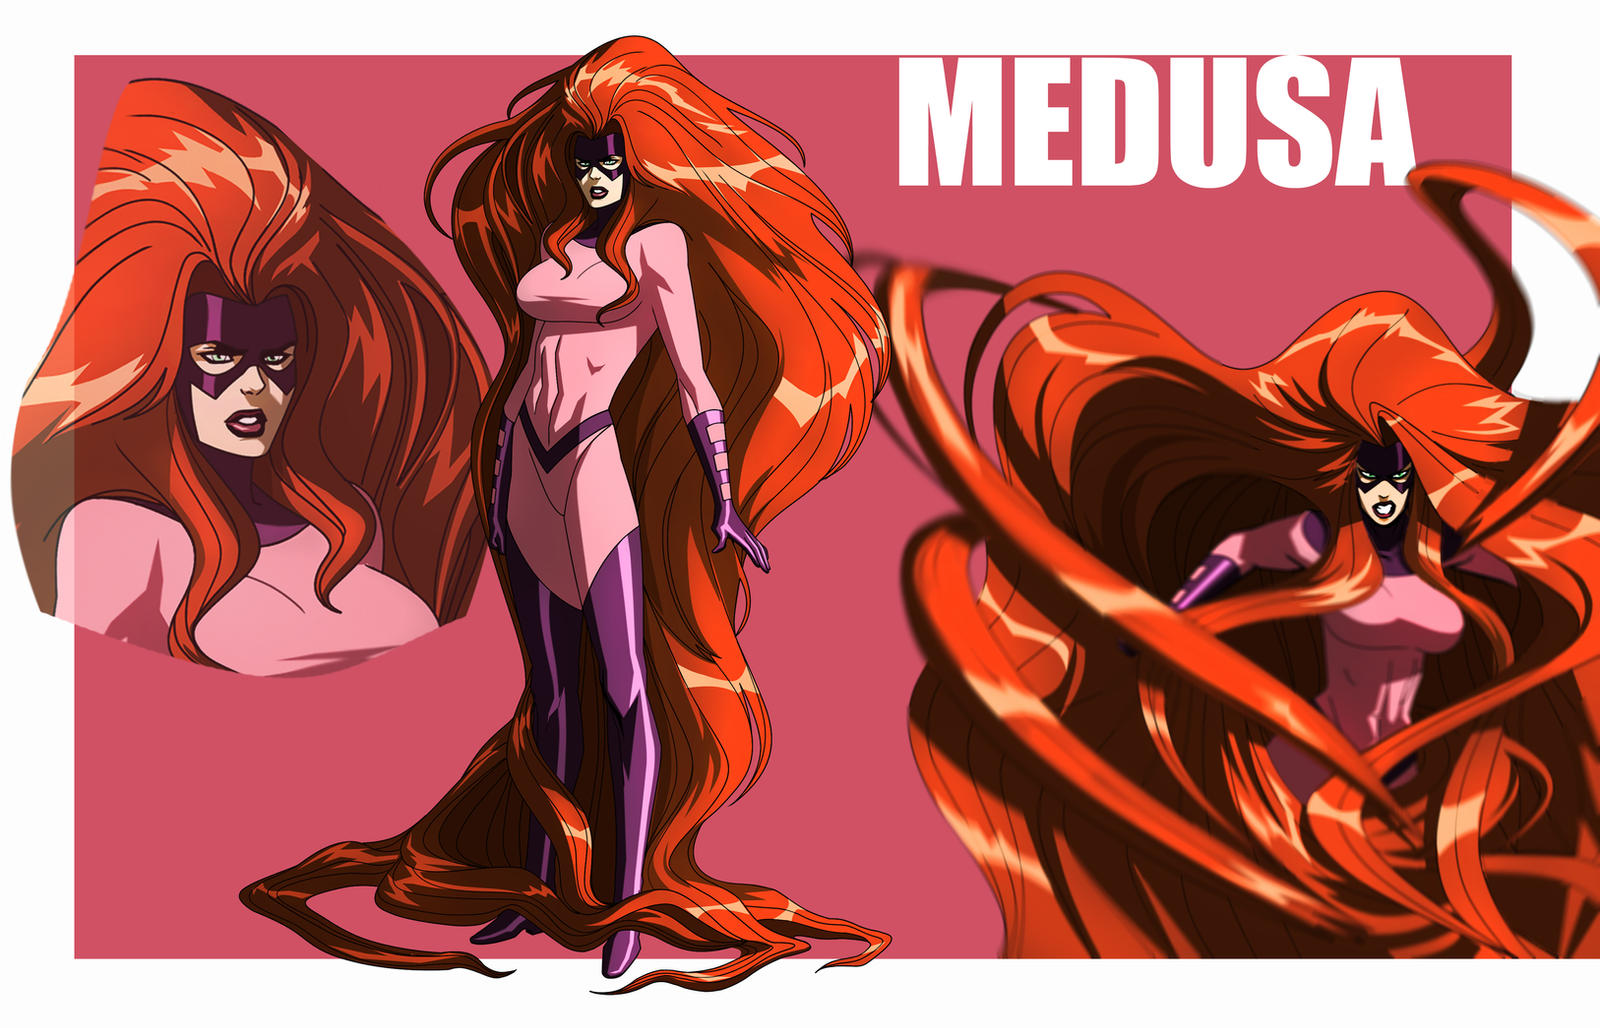 http://fc03.deviantart.net/fs71/i/2014/070/d/7/medusa_animated_by_chubeto-d79ln6o.jpg